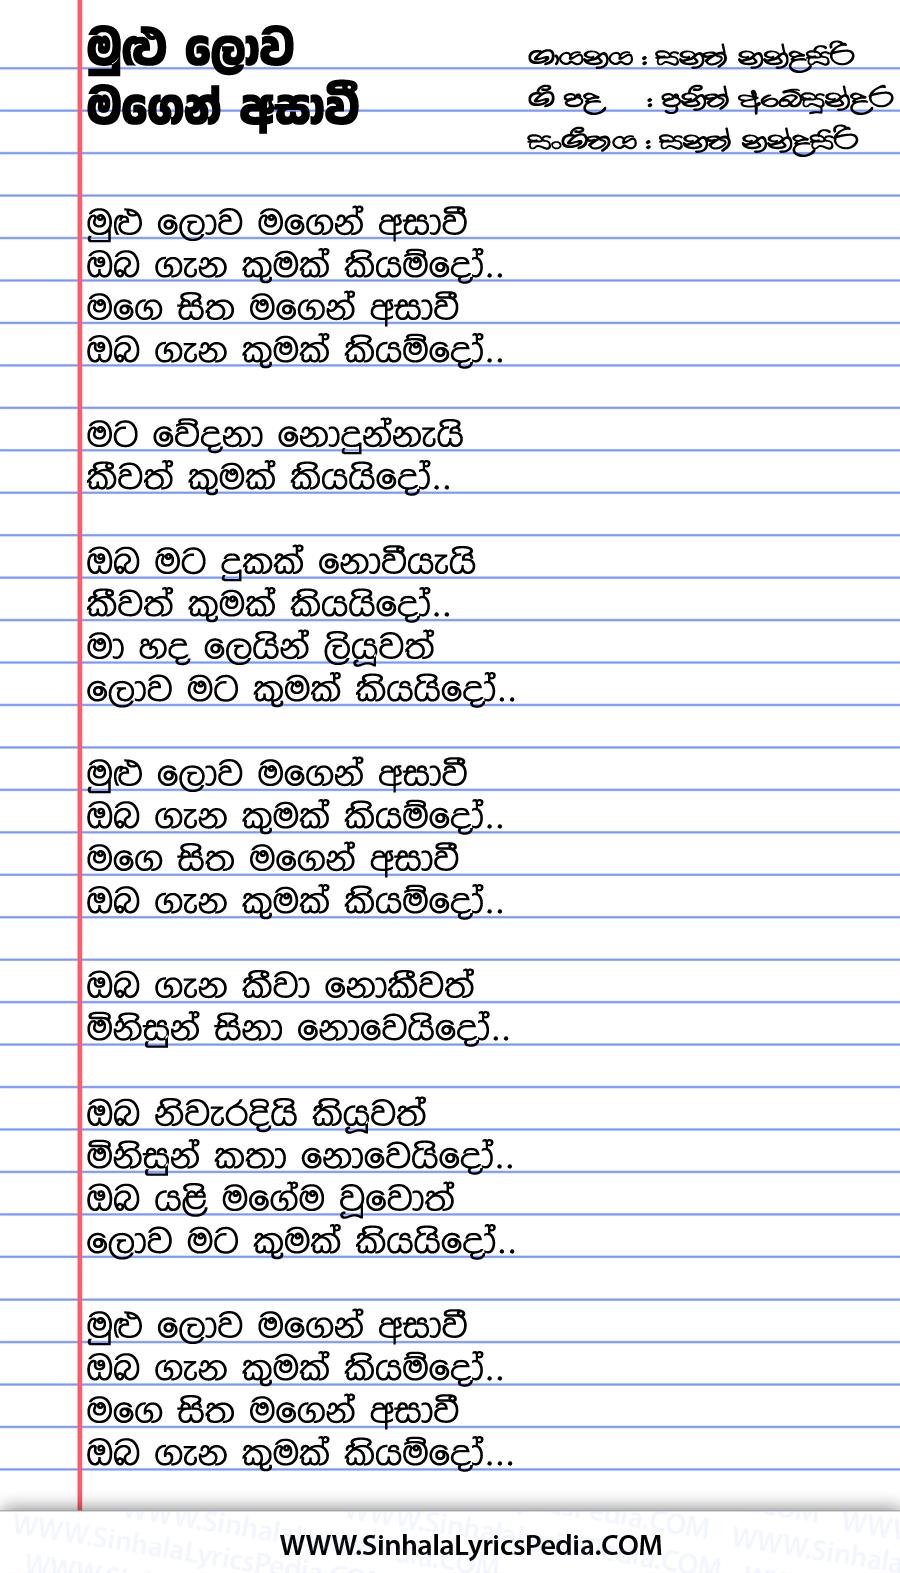 Mulu Lowa Magen Asawi Song Lyrics